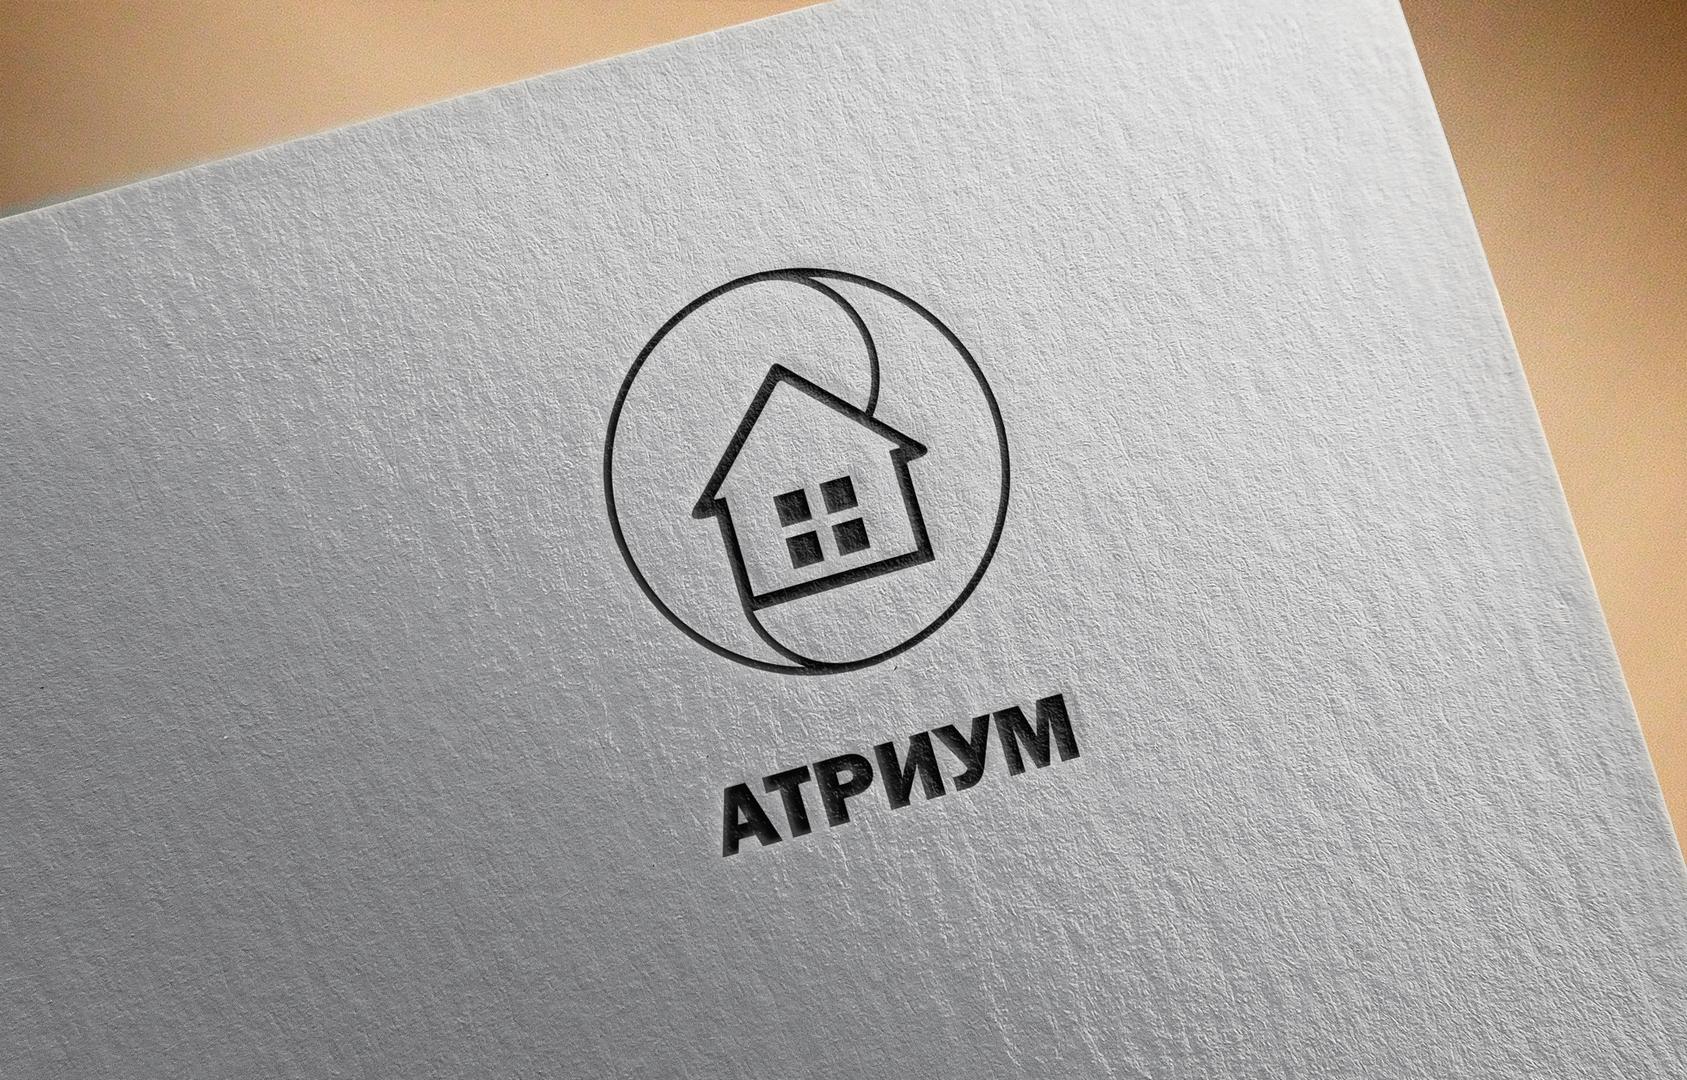 Редизайн / модернизация логотипа Центра недвижимости фото f_2535bc1be8029e16.jpg